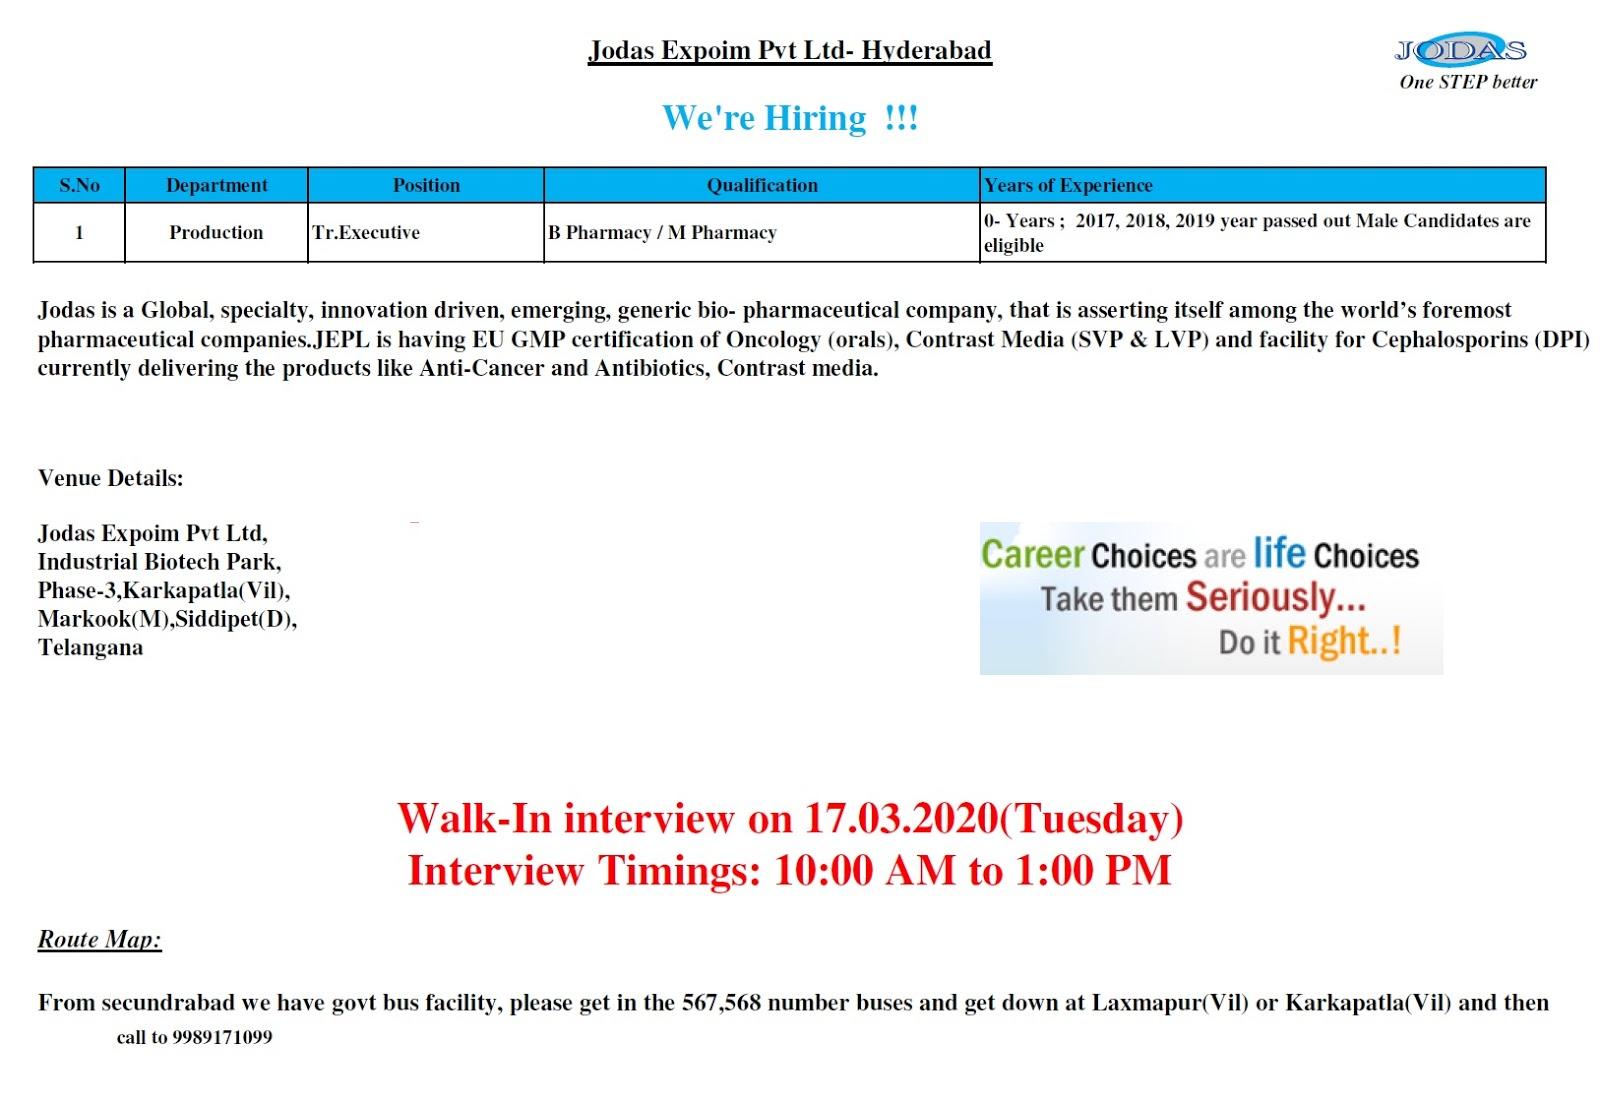 Jodas Expoim Pvt. Ltd - Walk-In Interview for B.Pharm / M.Pharm Freshers on 17th Mar' 2020